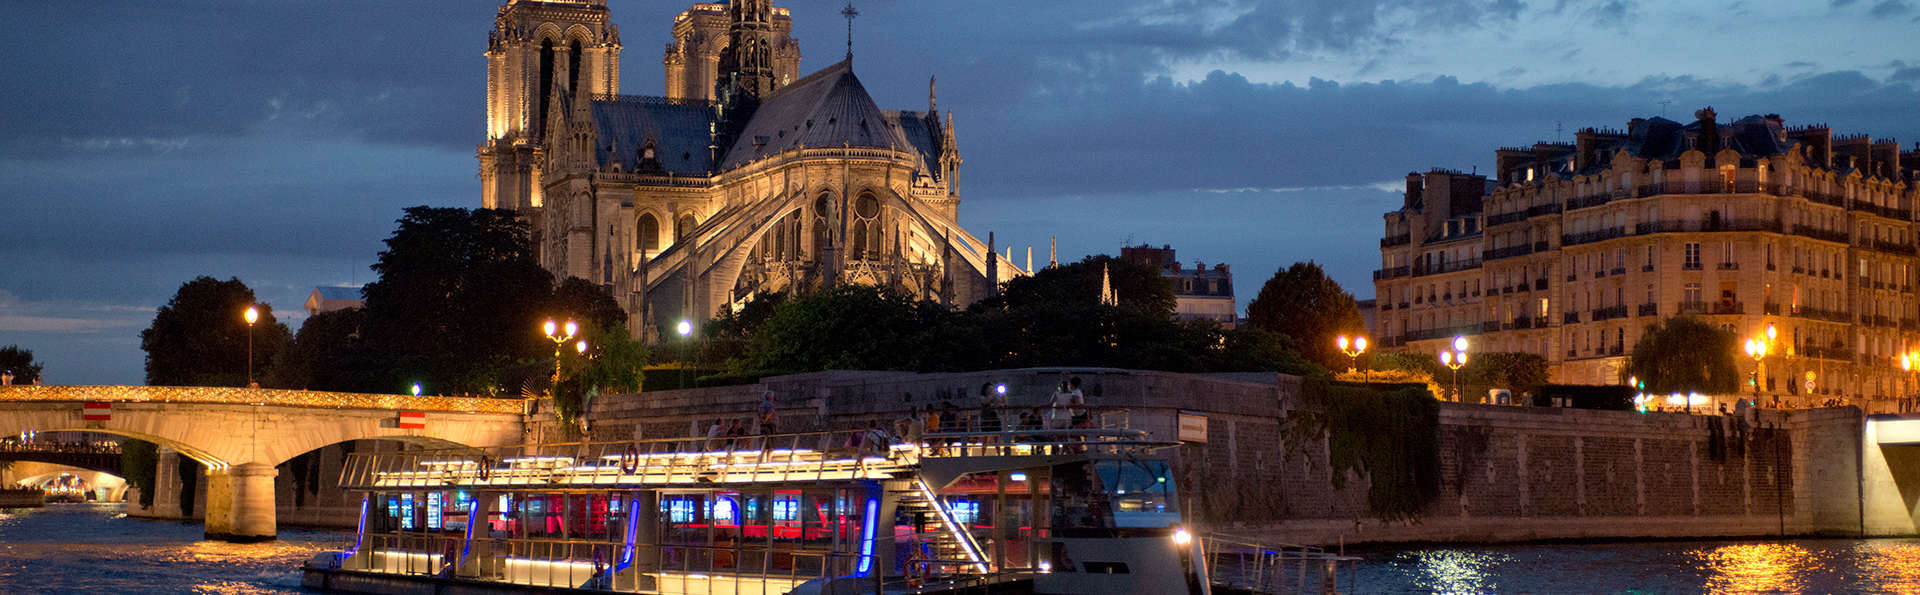 Er tussenuit in Parijs met boottocht over de Seine